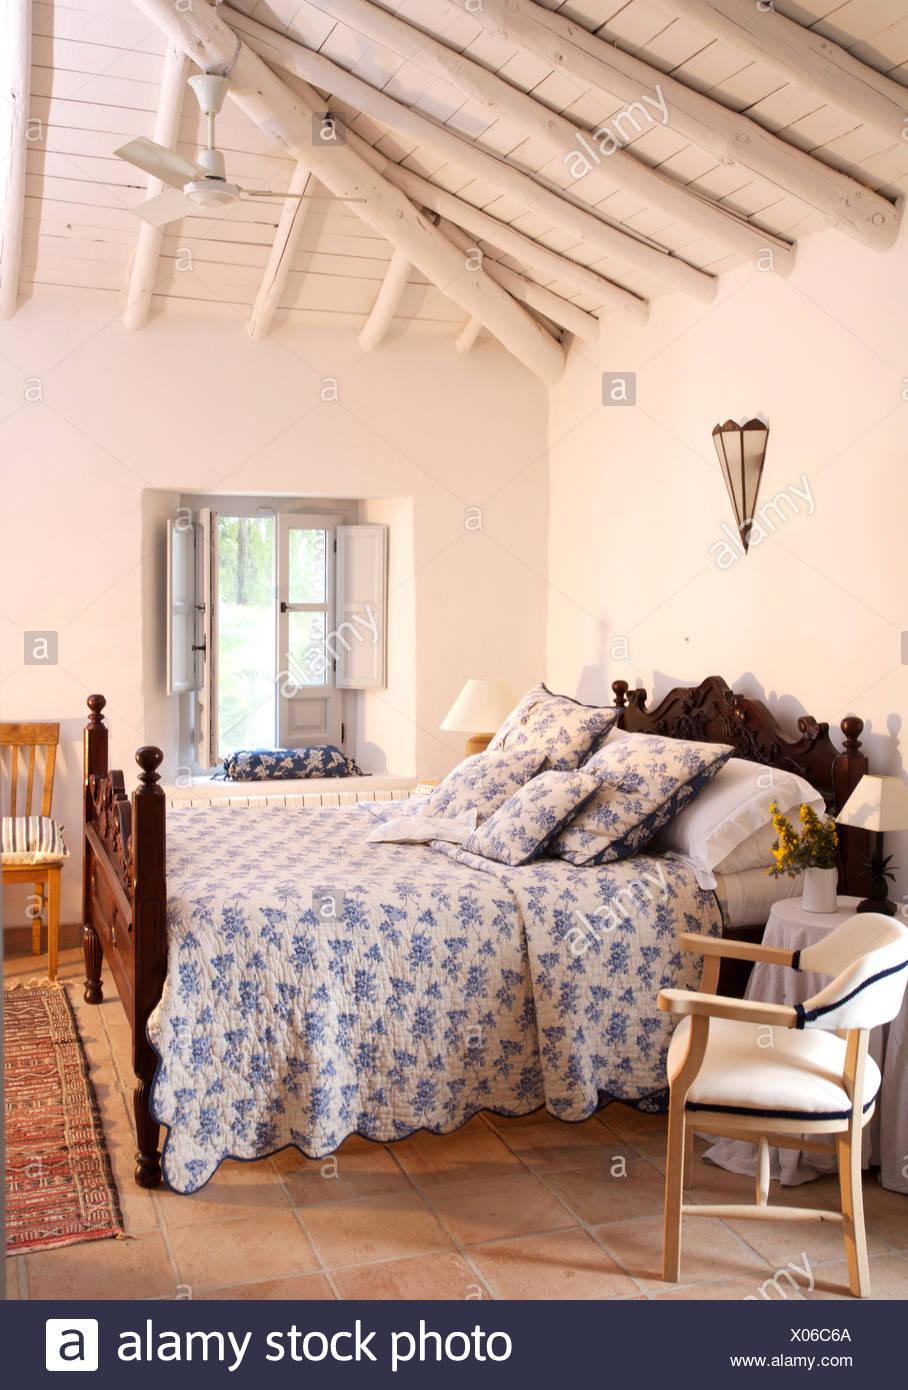 Blue+white quilt scolpito sul letto in legno bianco in spagnolo con ...